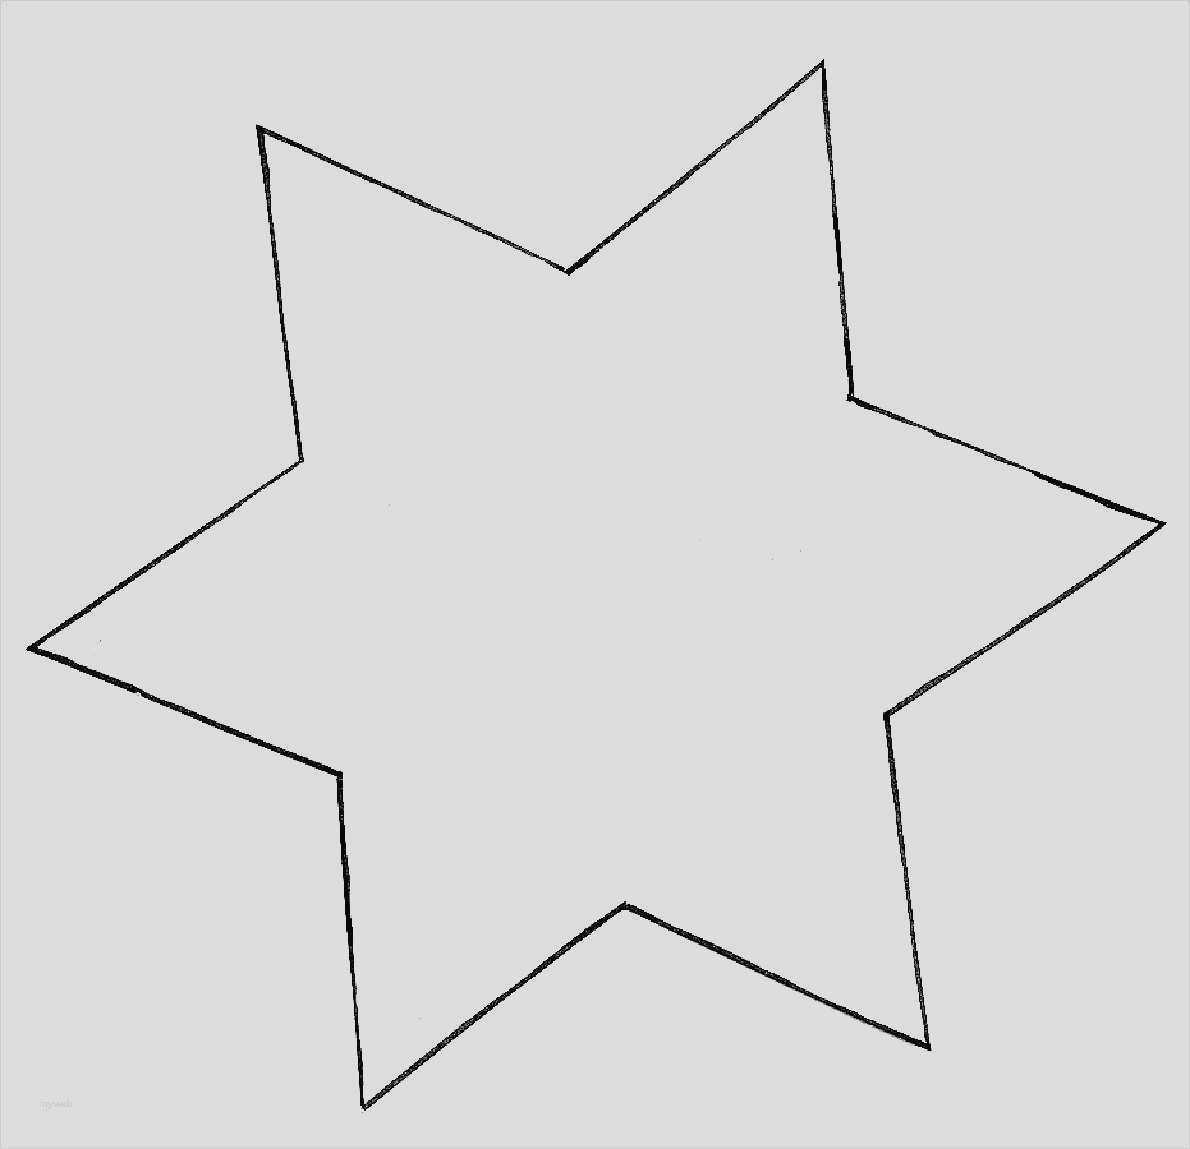 Druckvorlage Stern - kinderbilderdownload kinderbilder